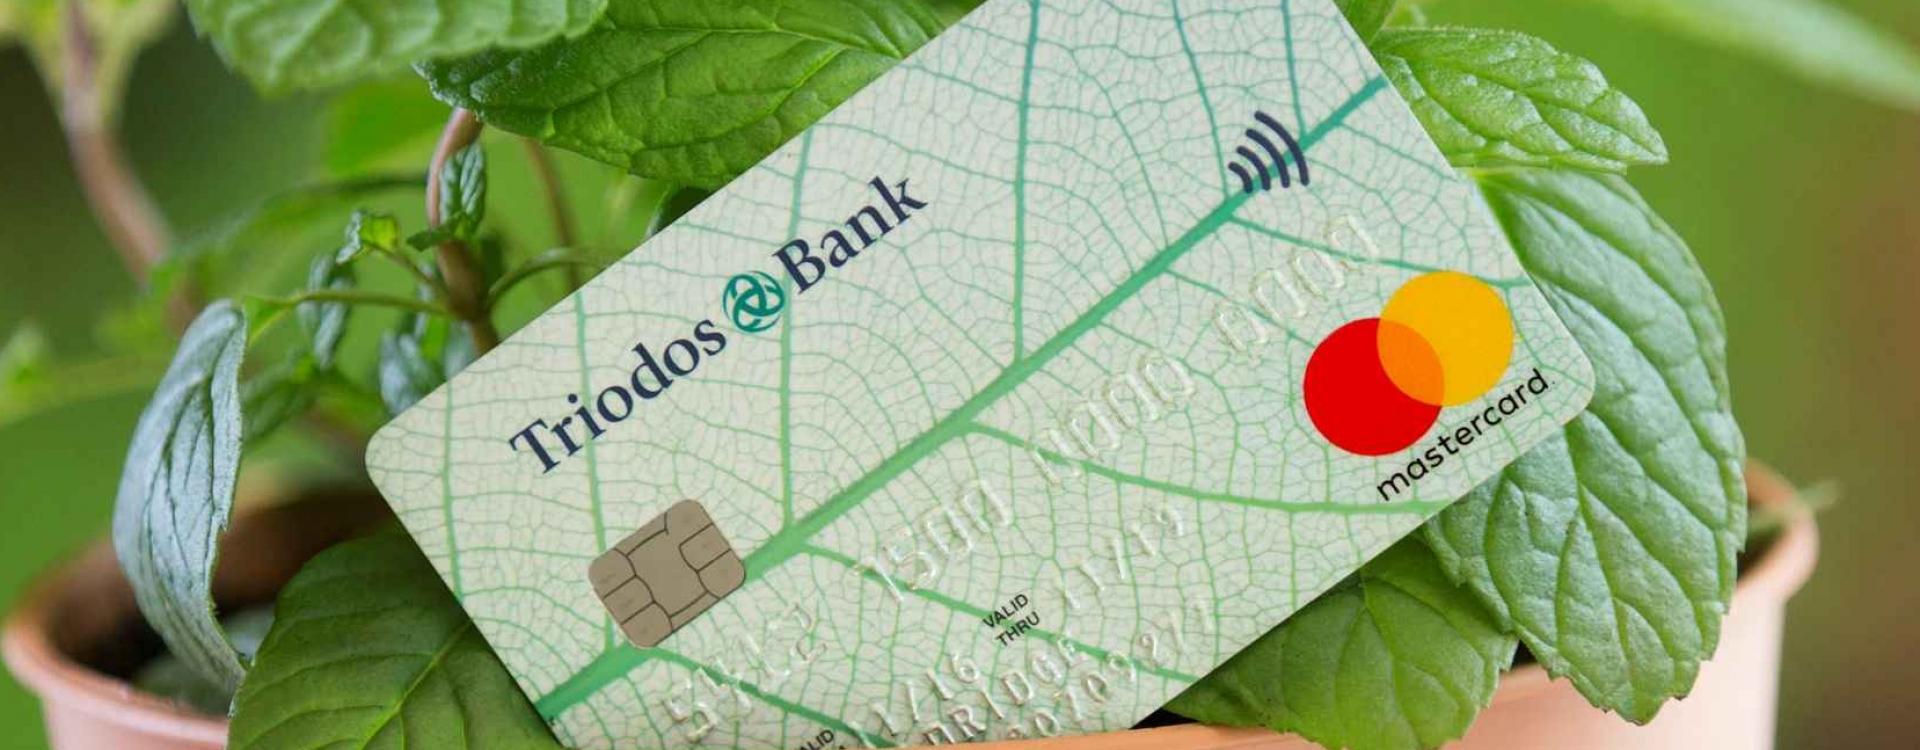 Brands triodos bank 04